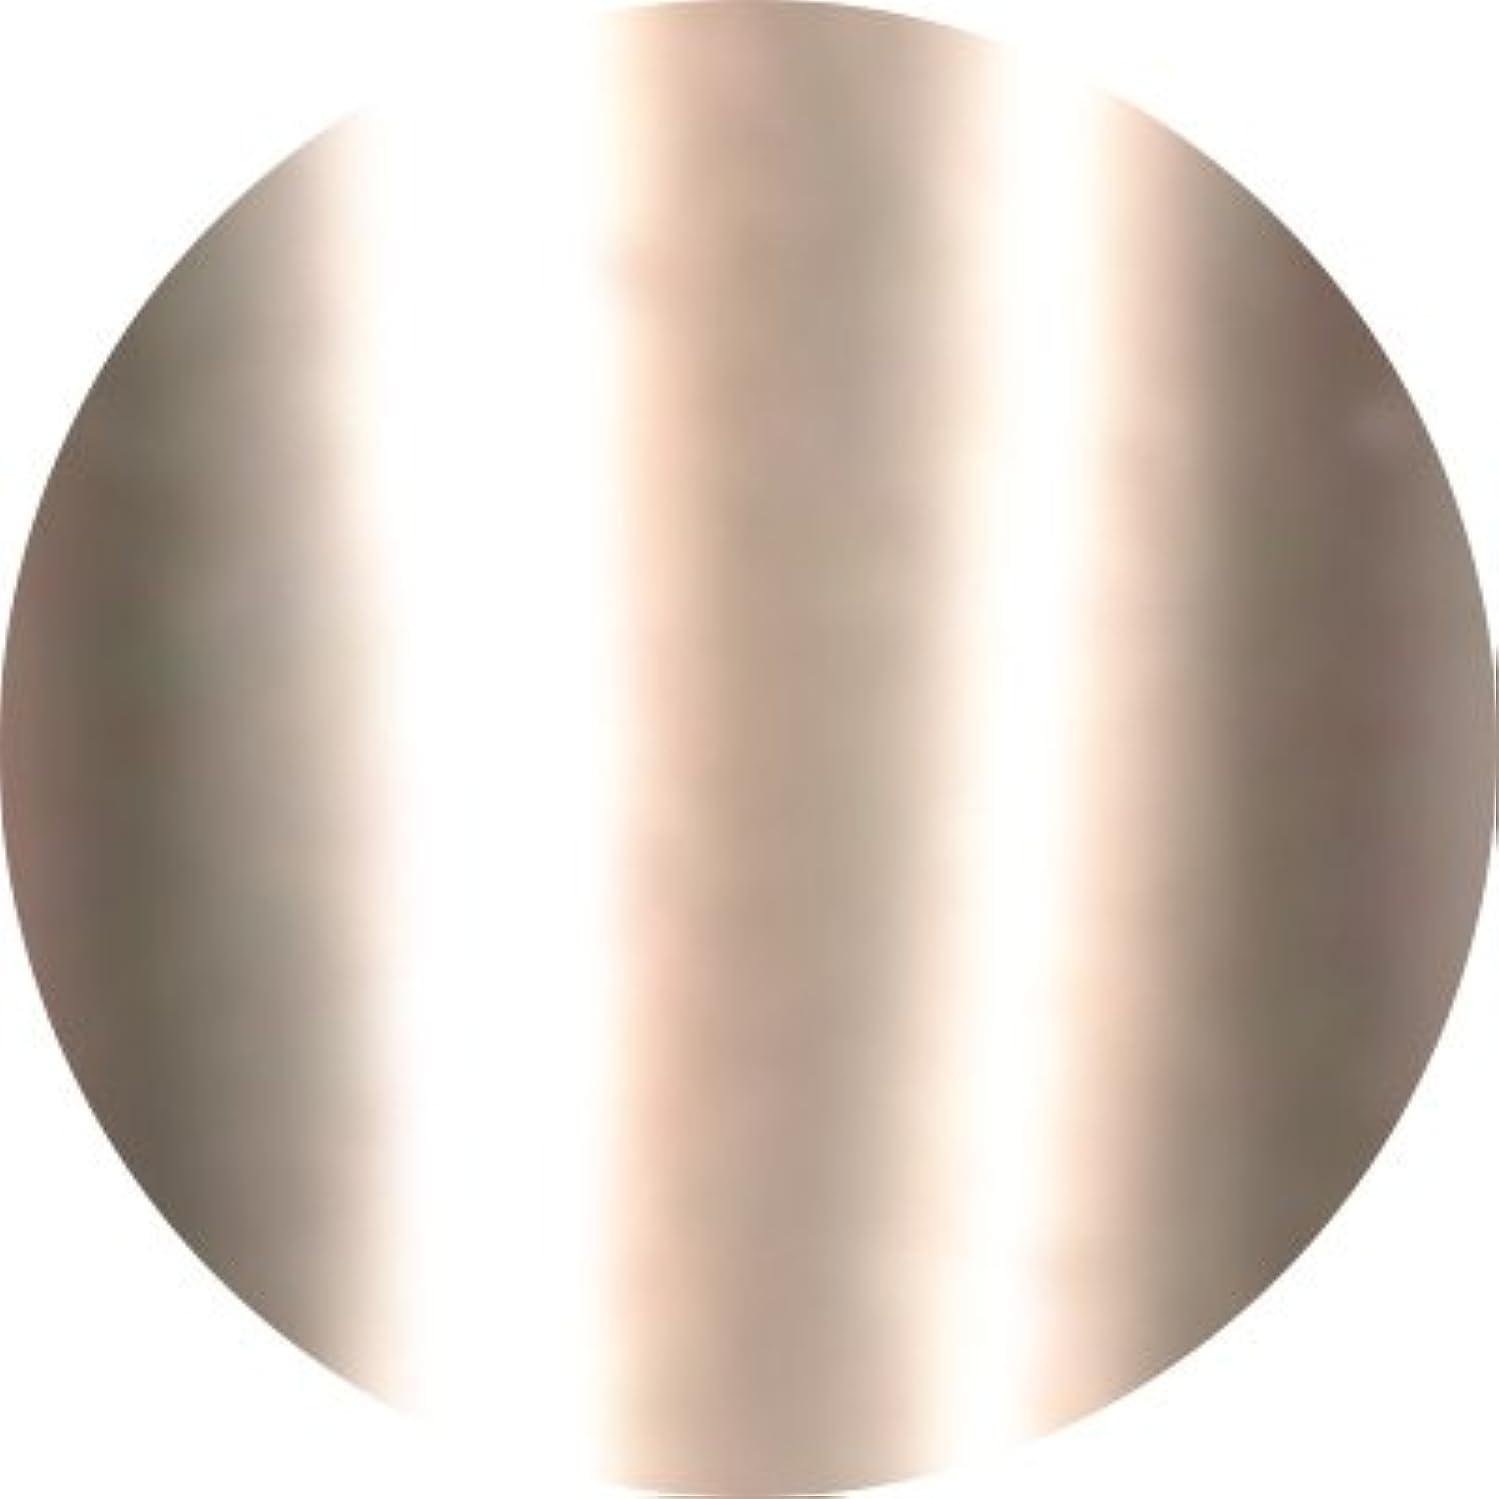 スマッシュスリットバッジJewelry jel(ジュエリージェル) カラージェル 5ml<BR>メタリック MT005